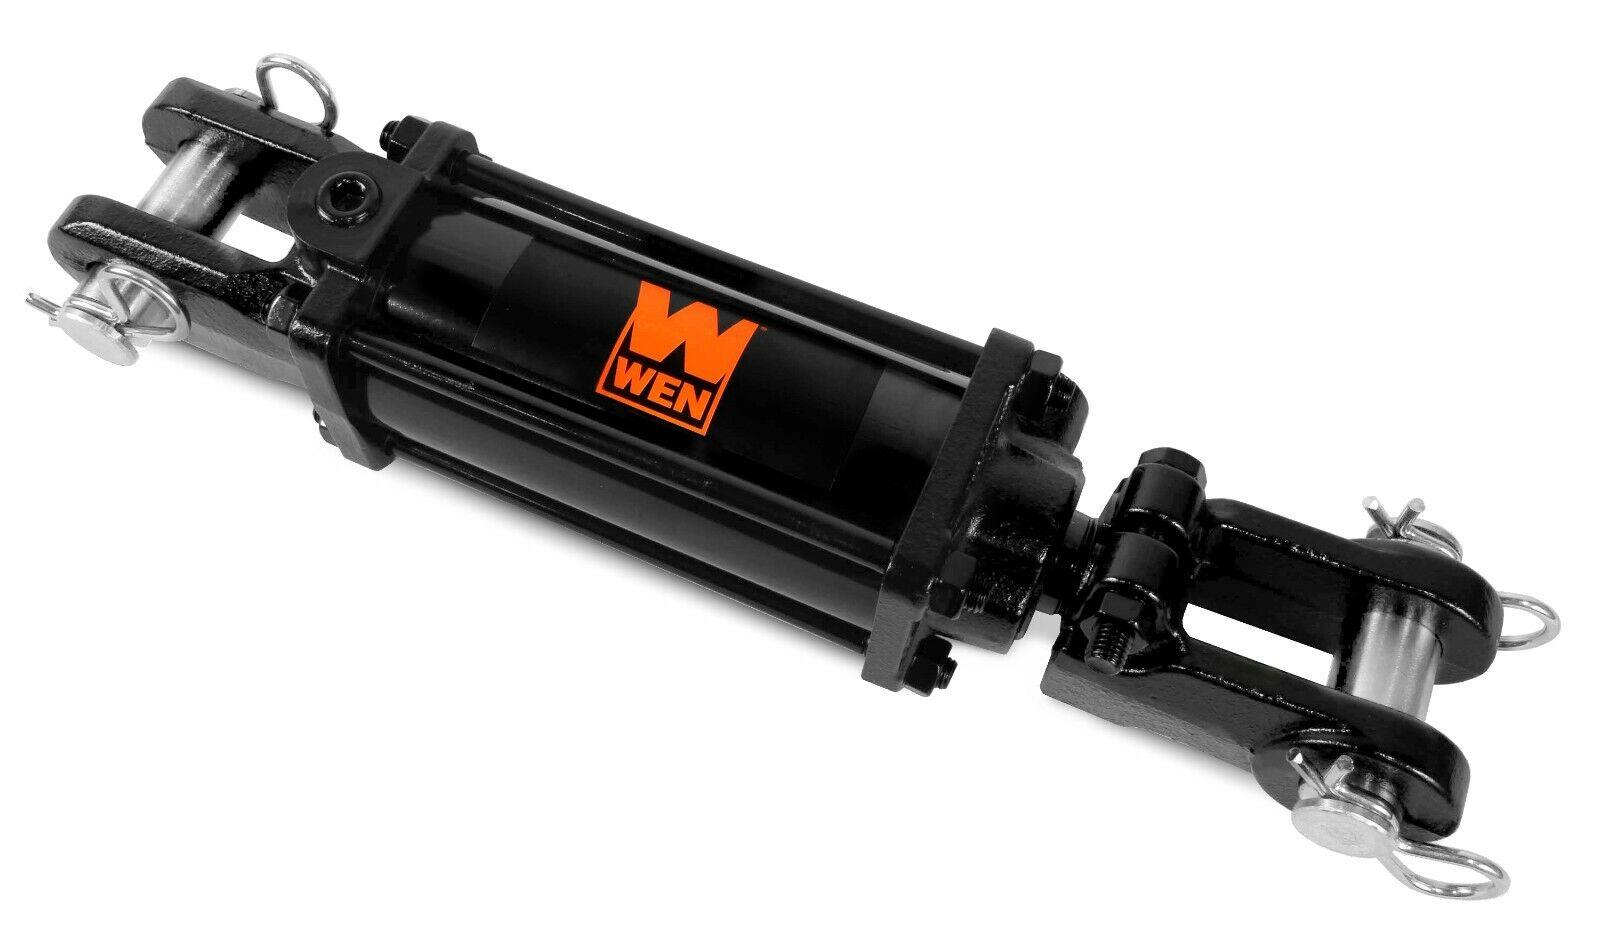 G-FORCE 11450 3.5-Inch Bore 24-Inch Stroke Tie Rod Hydraulic Cylinder